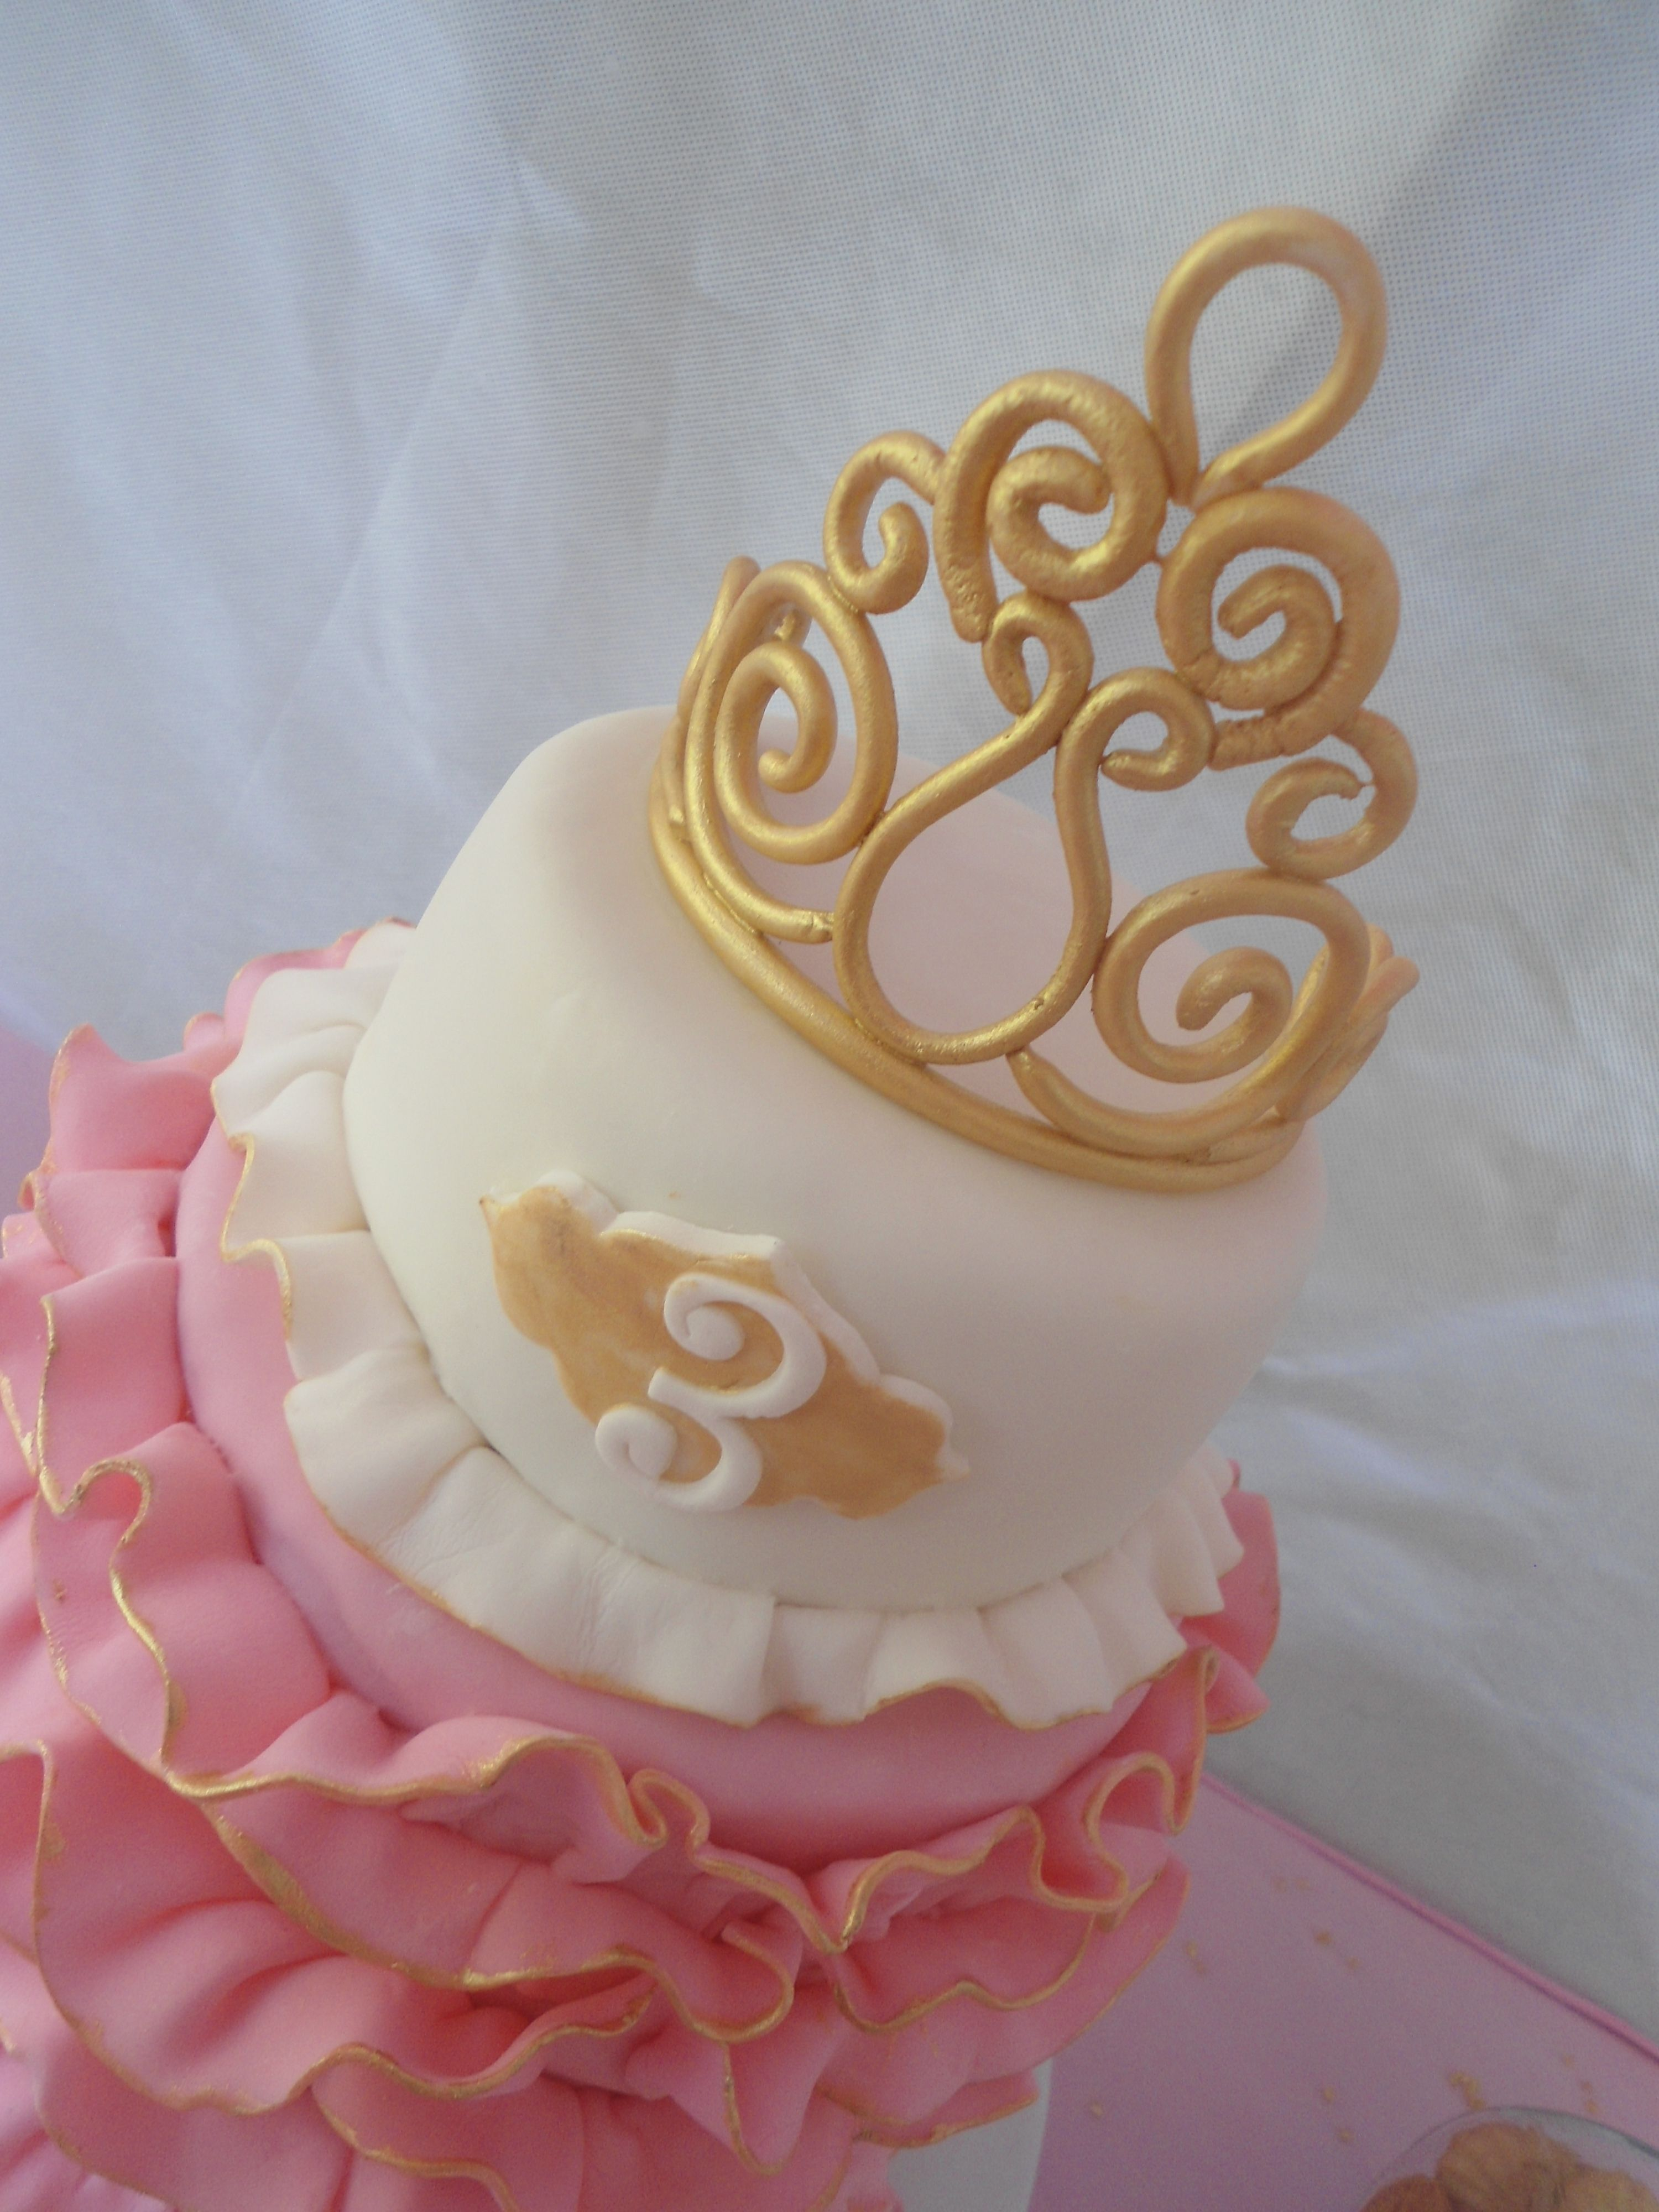 Princess Tiara Cake Gold And Pink